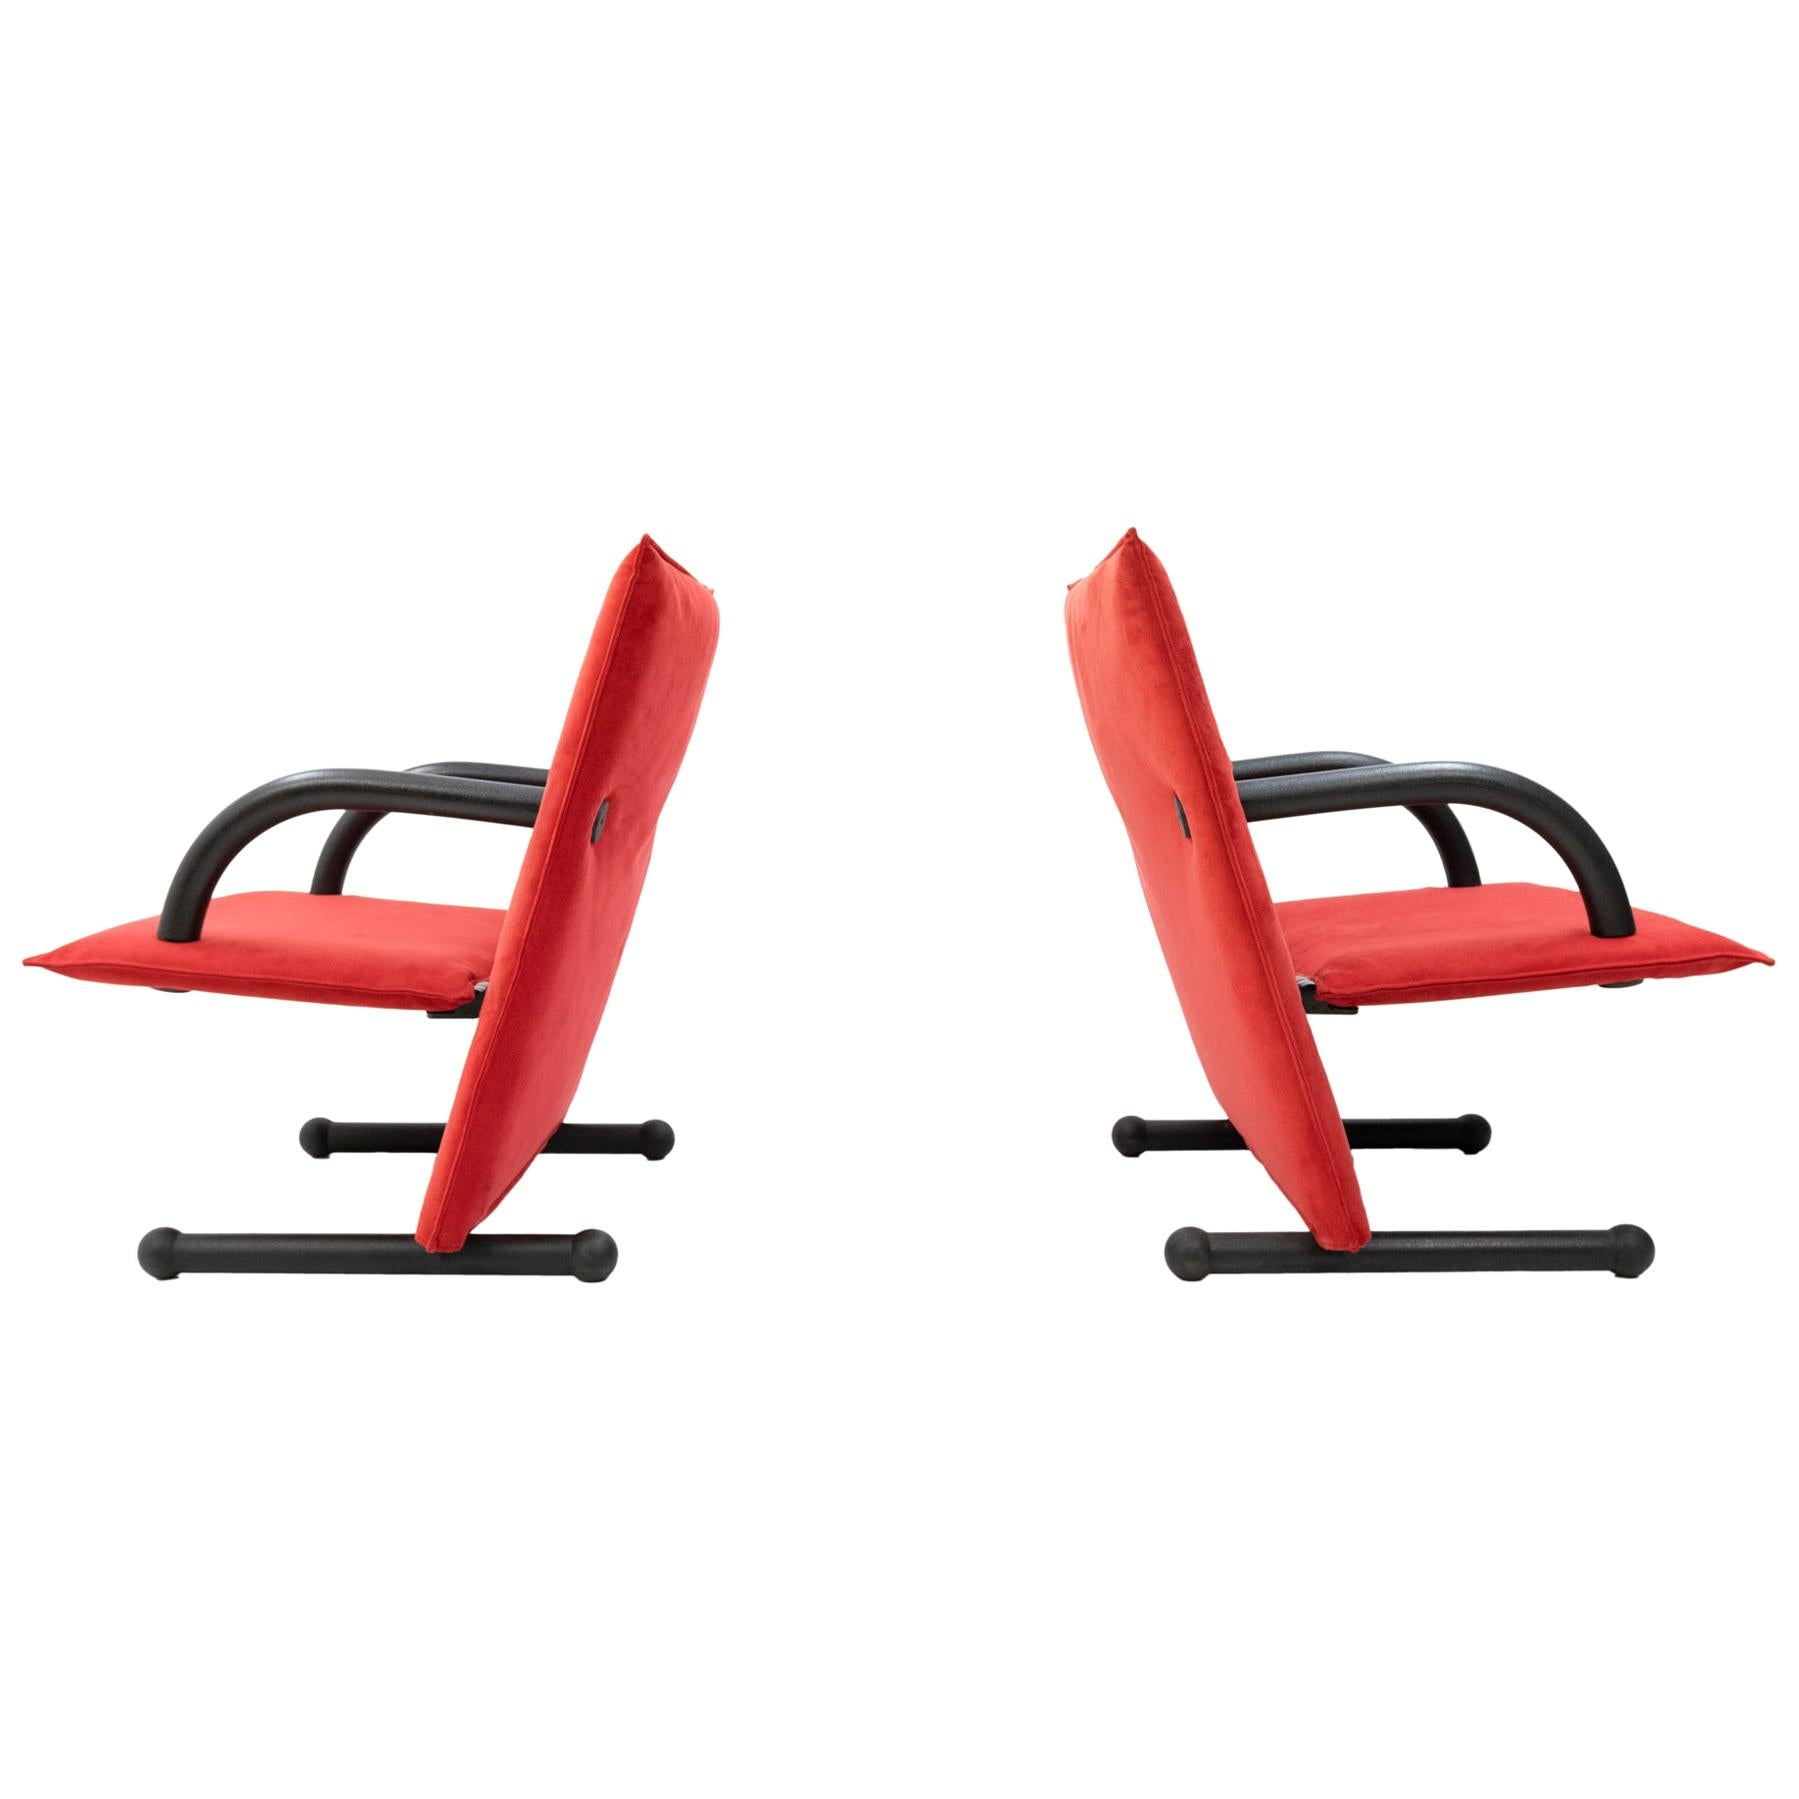 T Line Lounge Chairs Arflex, 1980s